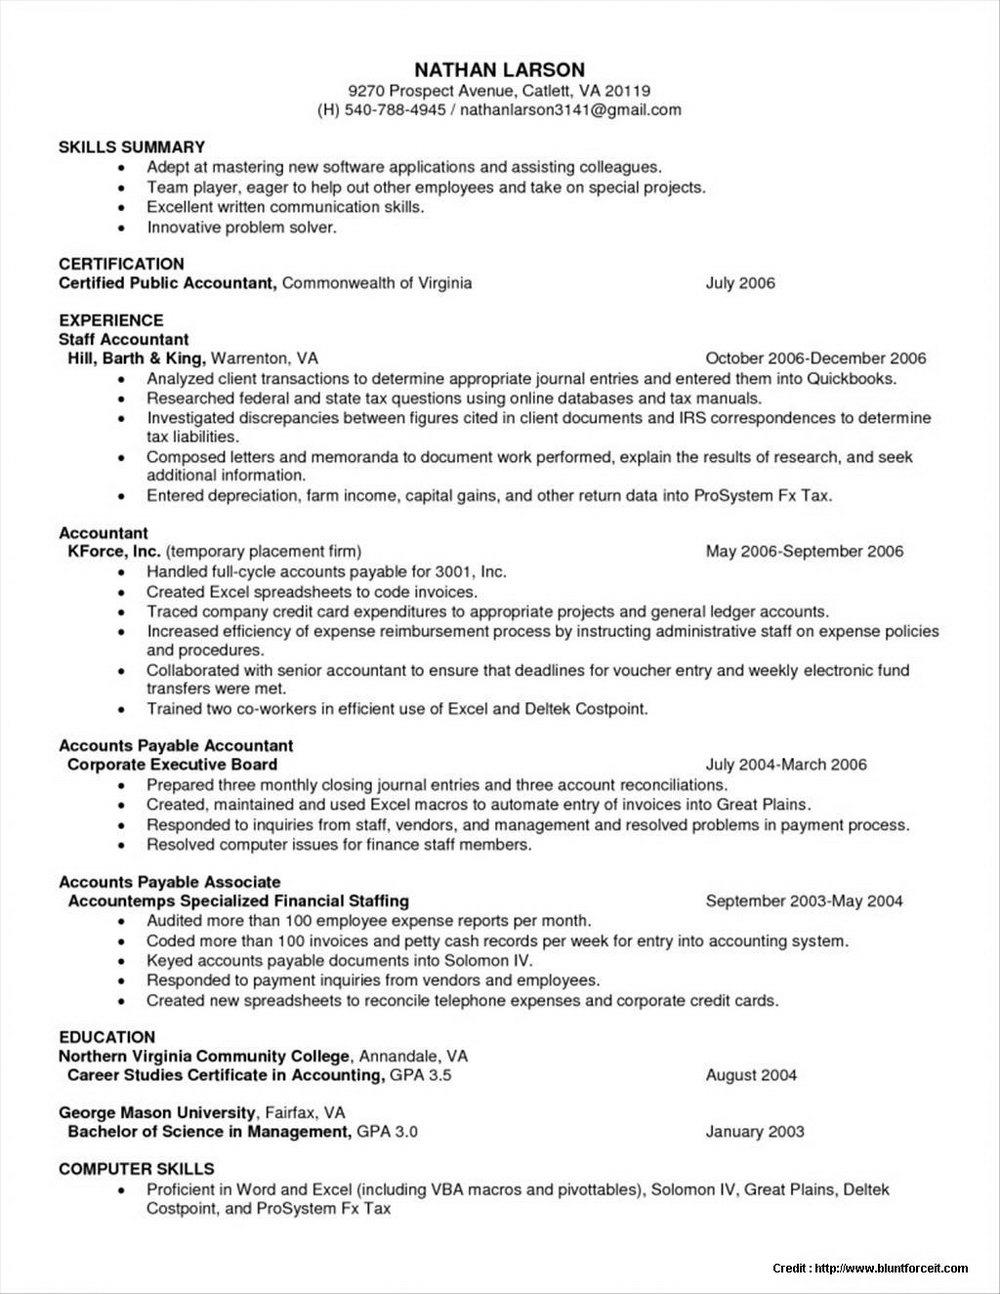 Resume Format Free Download Pdf